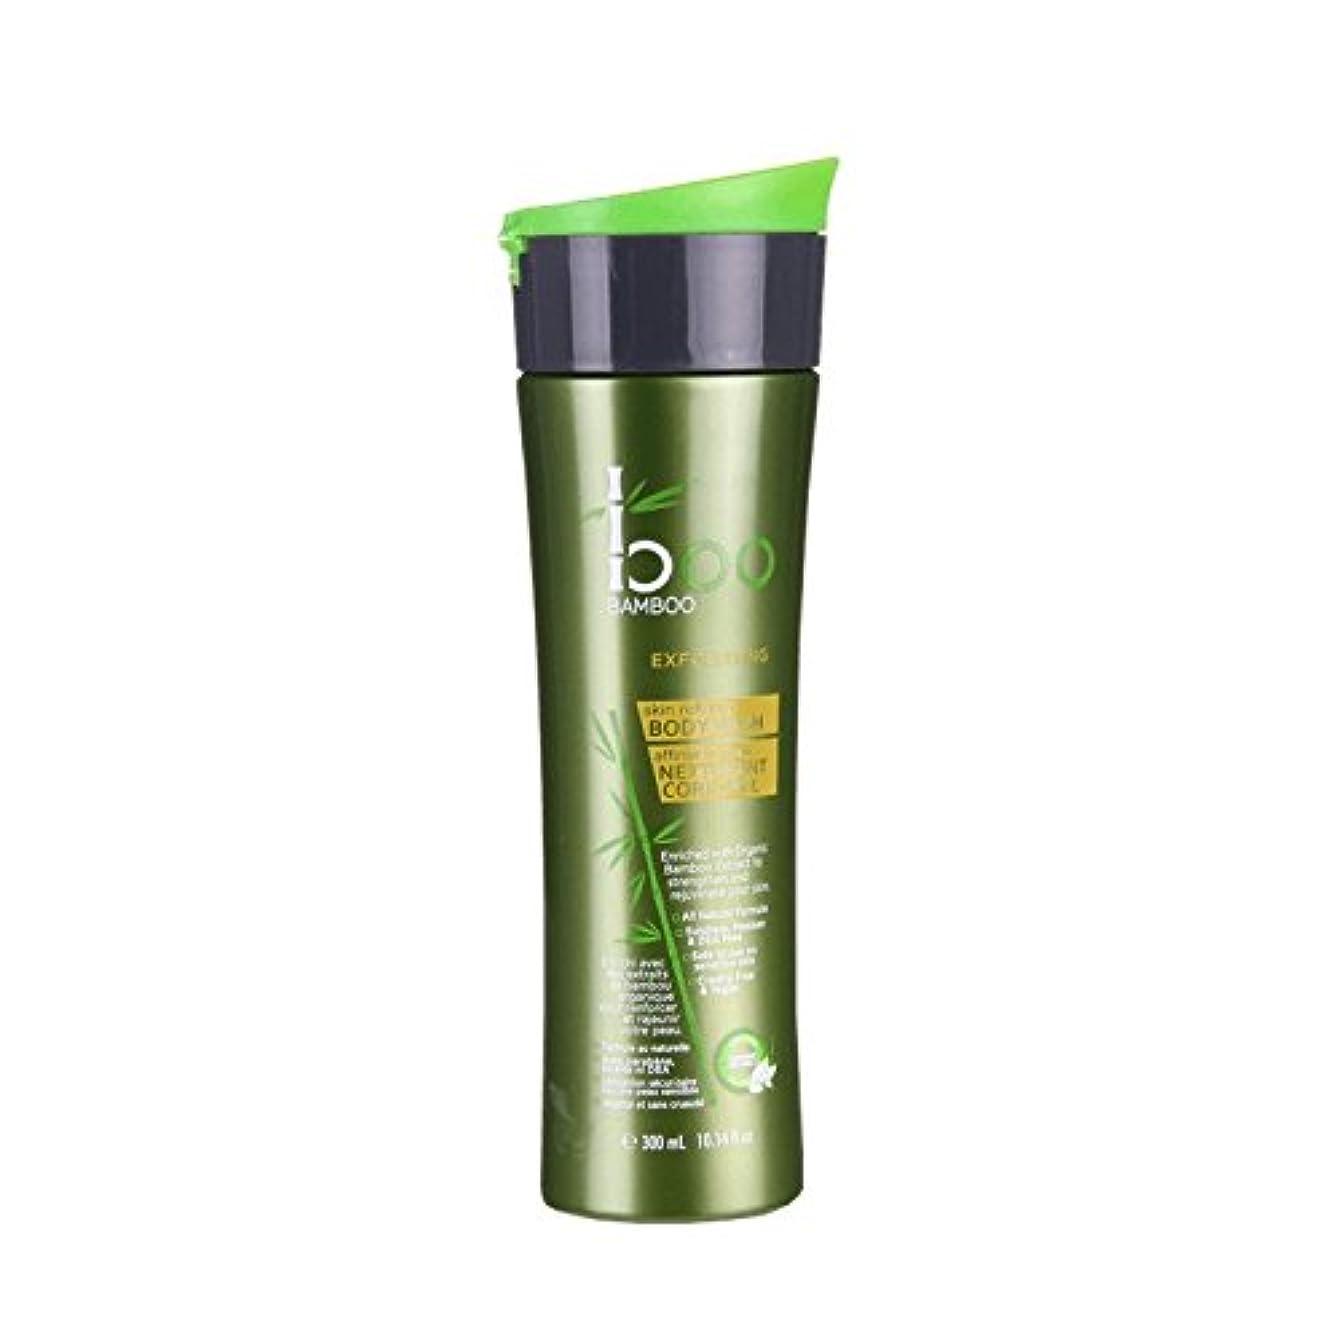 外部時系列出しますBoo Bamboo Exfoliating Body Wash 300ml (Pack of 6) - 竹ピーリングボディウォッシュ300ミリリットルブーイング (x6) [並行輸入品]